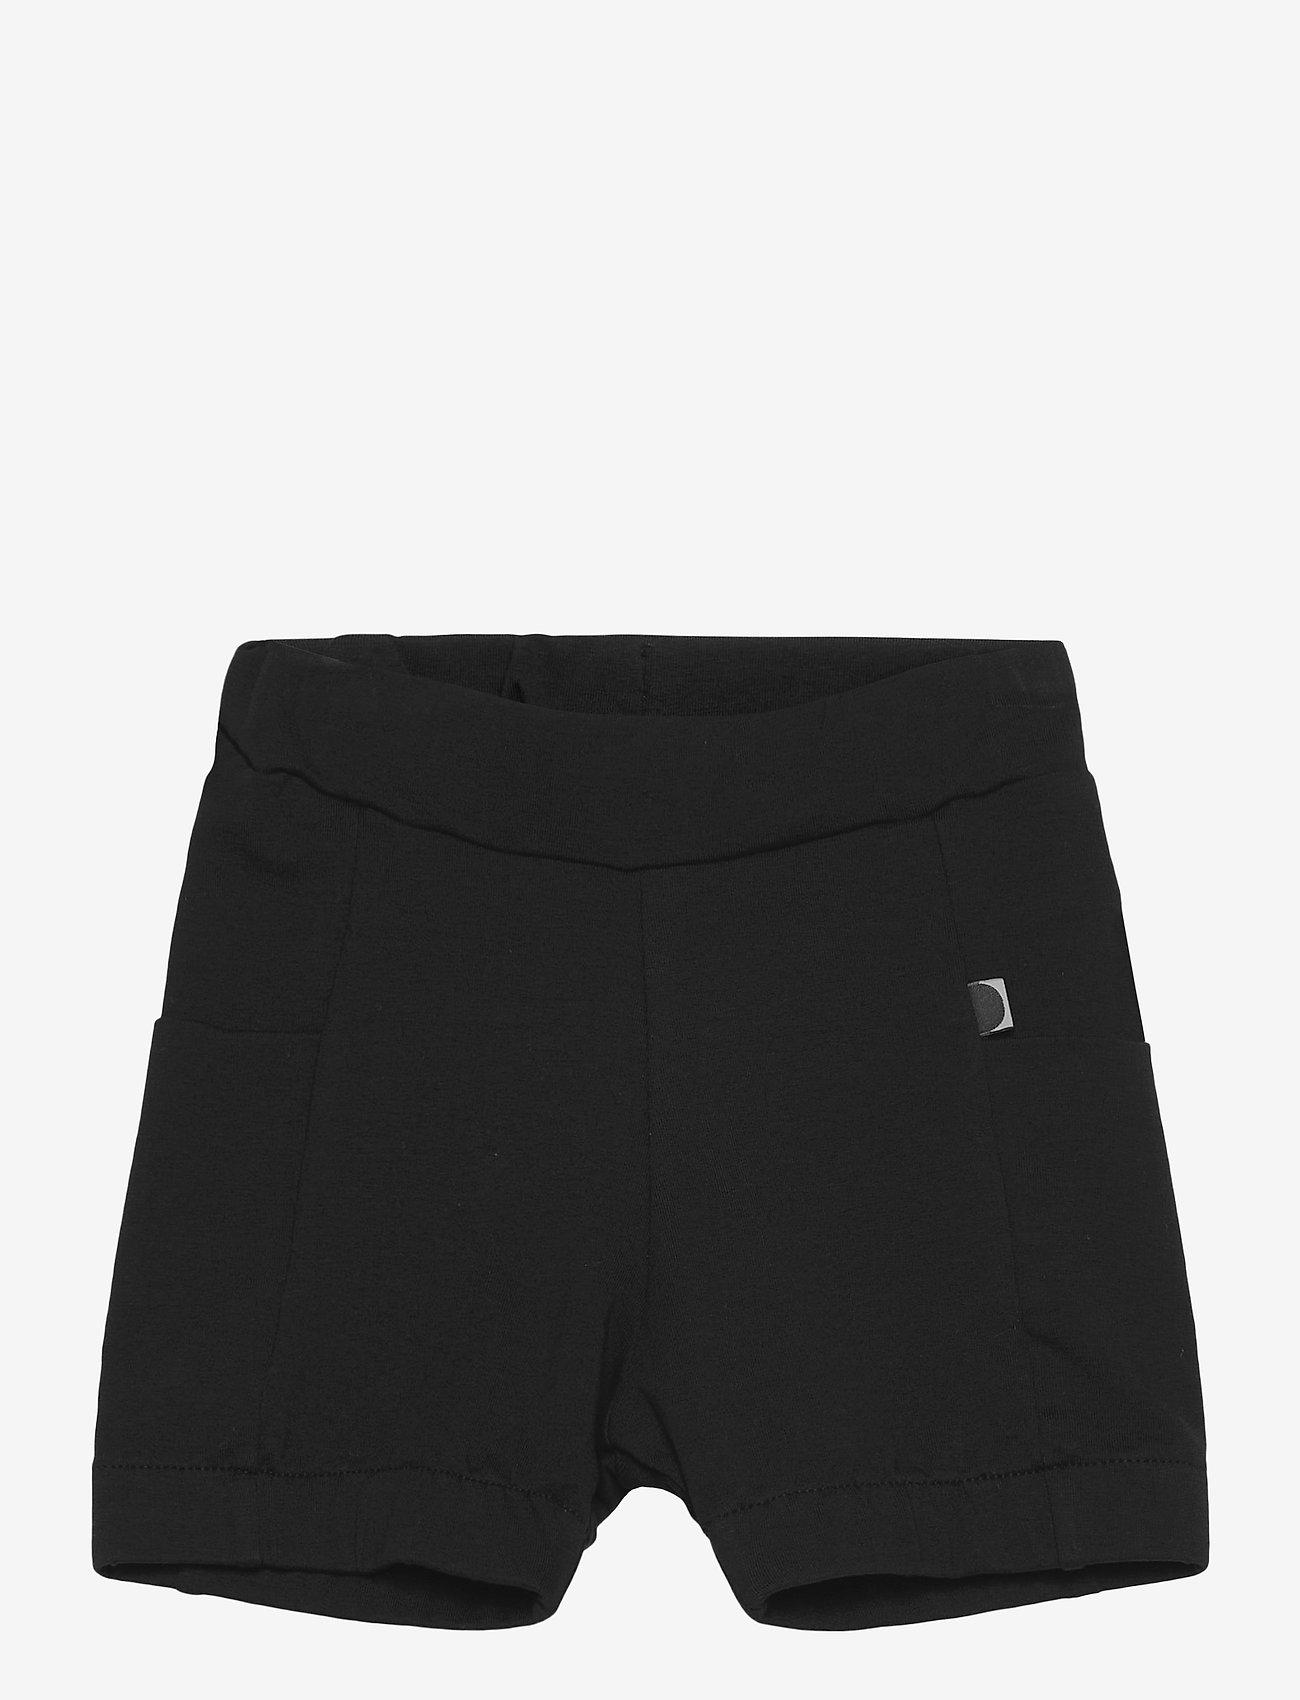 Papu - Tight pocket shorts - shorts - black - 0